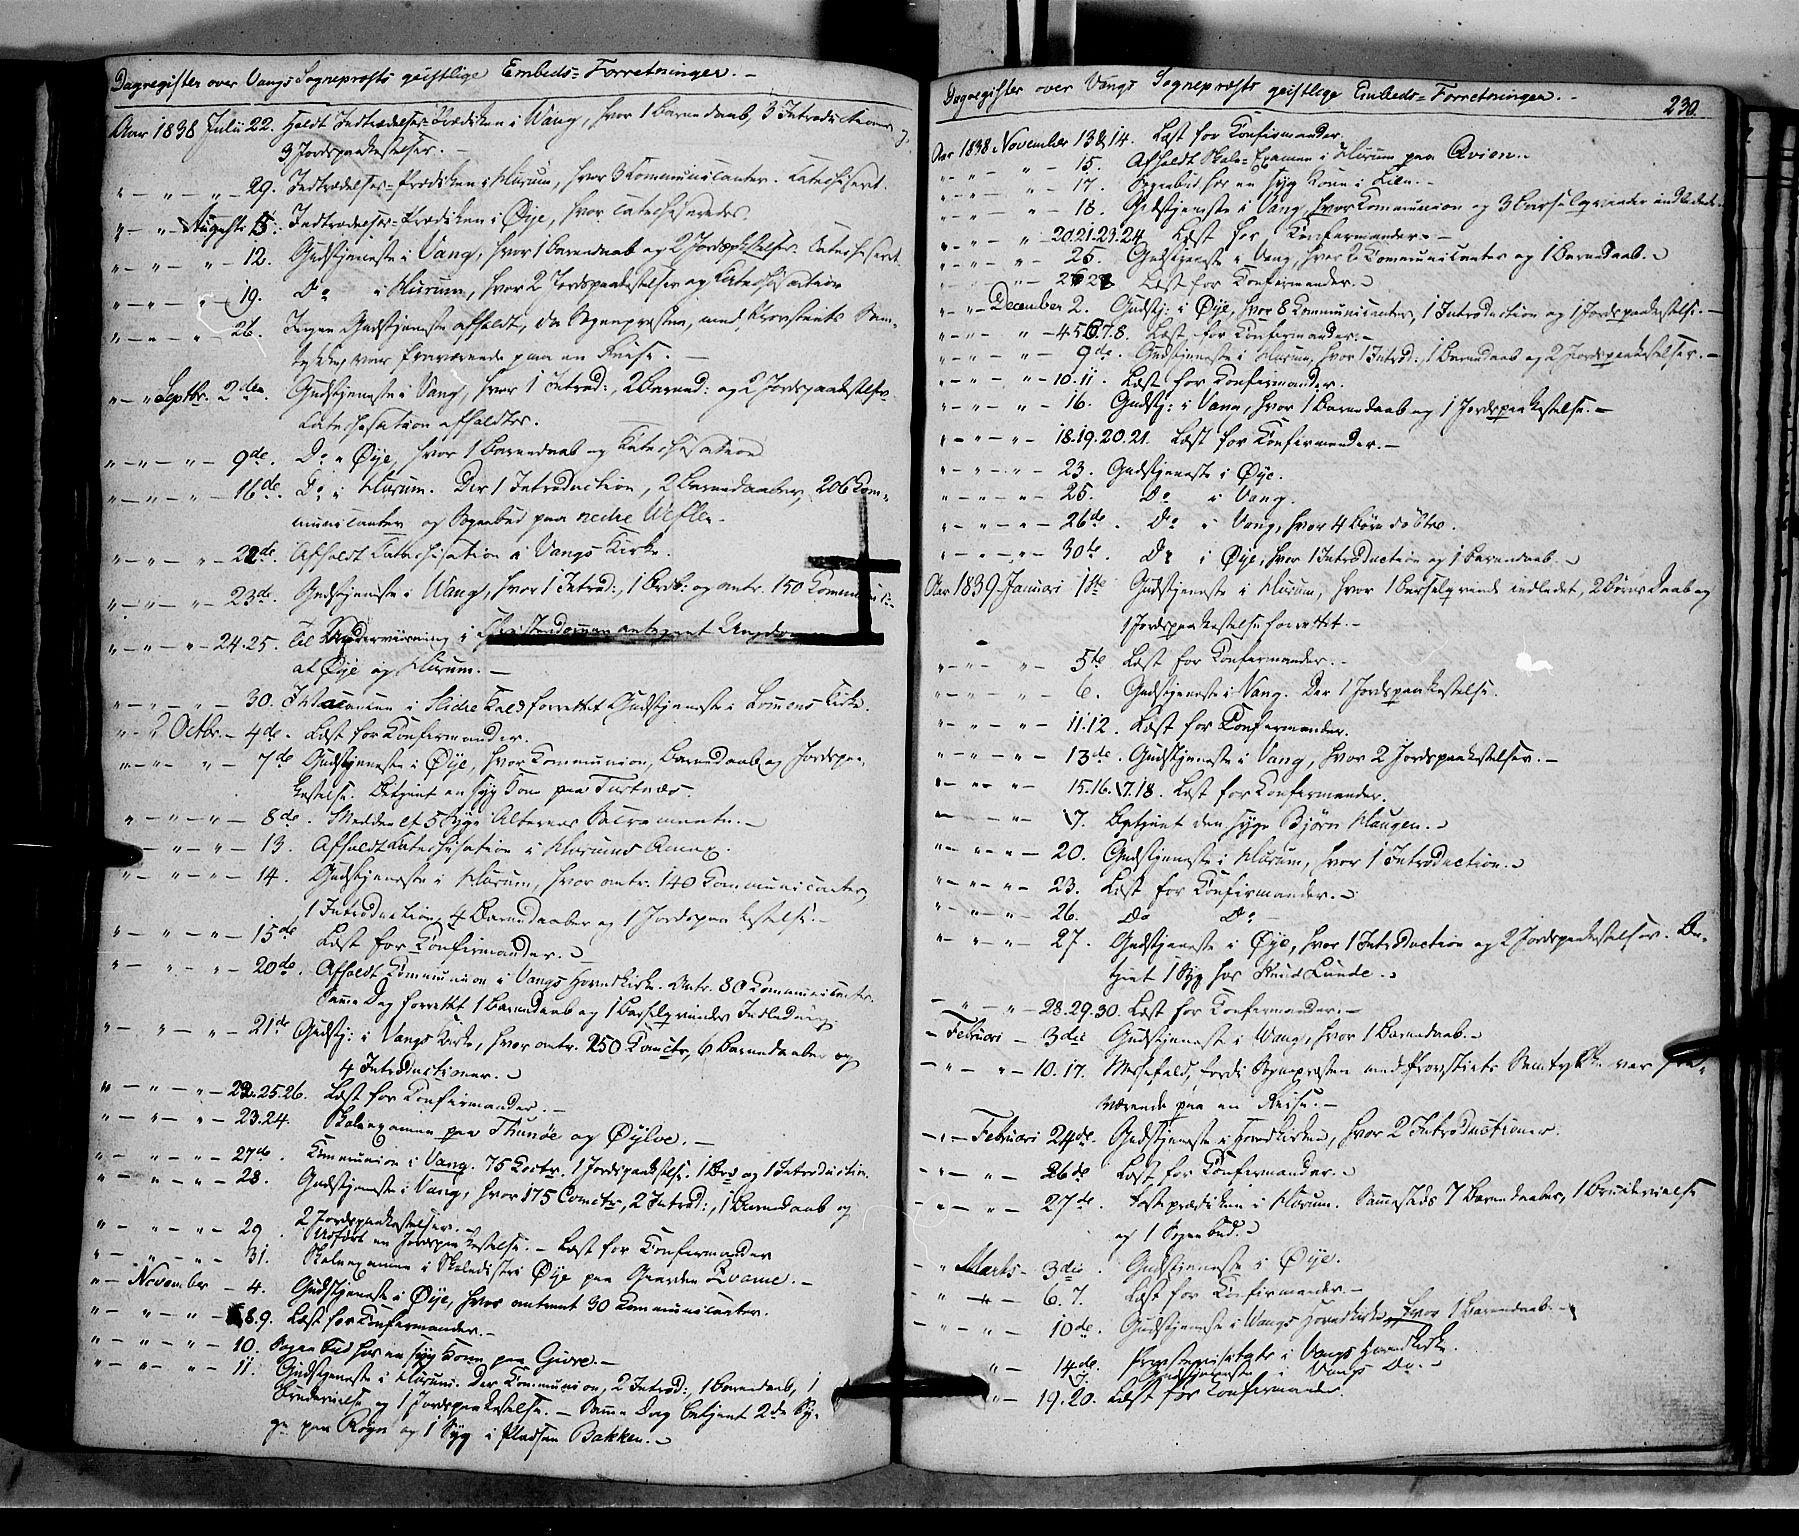 SAH, Vang prestekontor, Valdres, Ministerialbok nr. 5, 1831-1845, s. 230